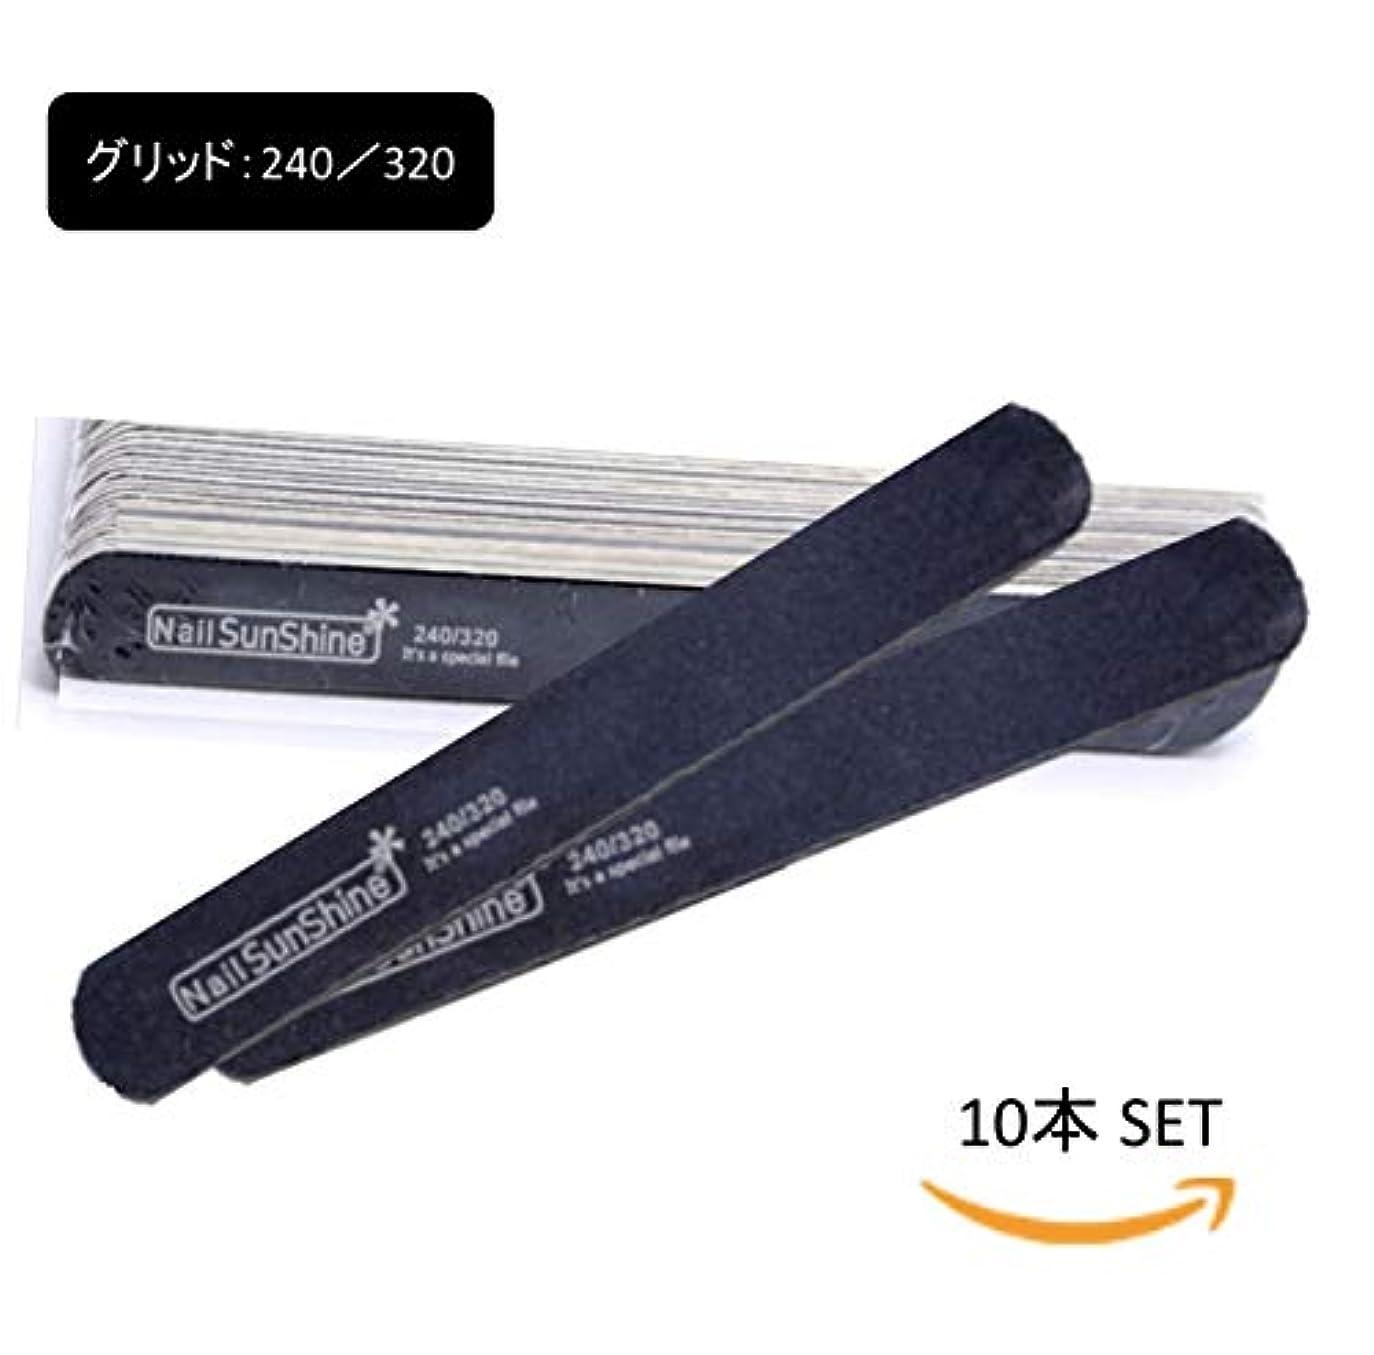 意味するアンタゴニストあたたかいBEATON JAPAN 爪やすり ネイルファイル エメリーボード アクリルファイル 100/150 180/240 240/320 10本セット ジェルオフ (240/320)